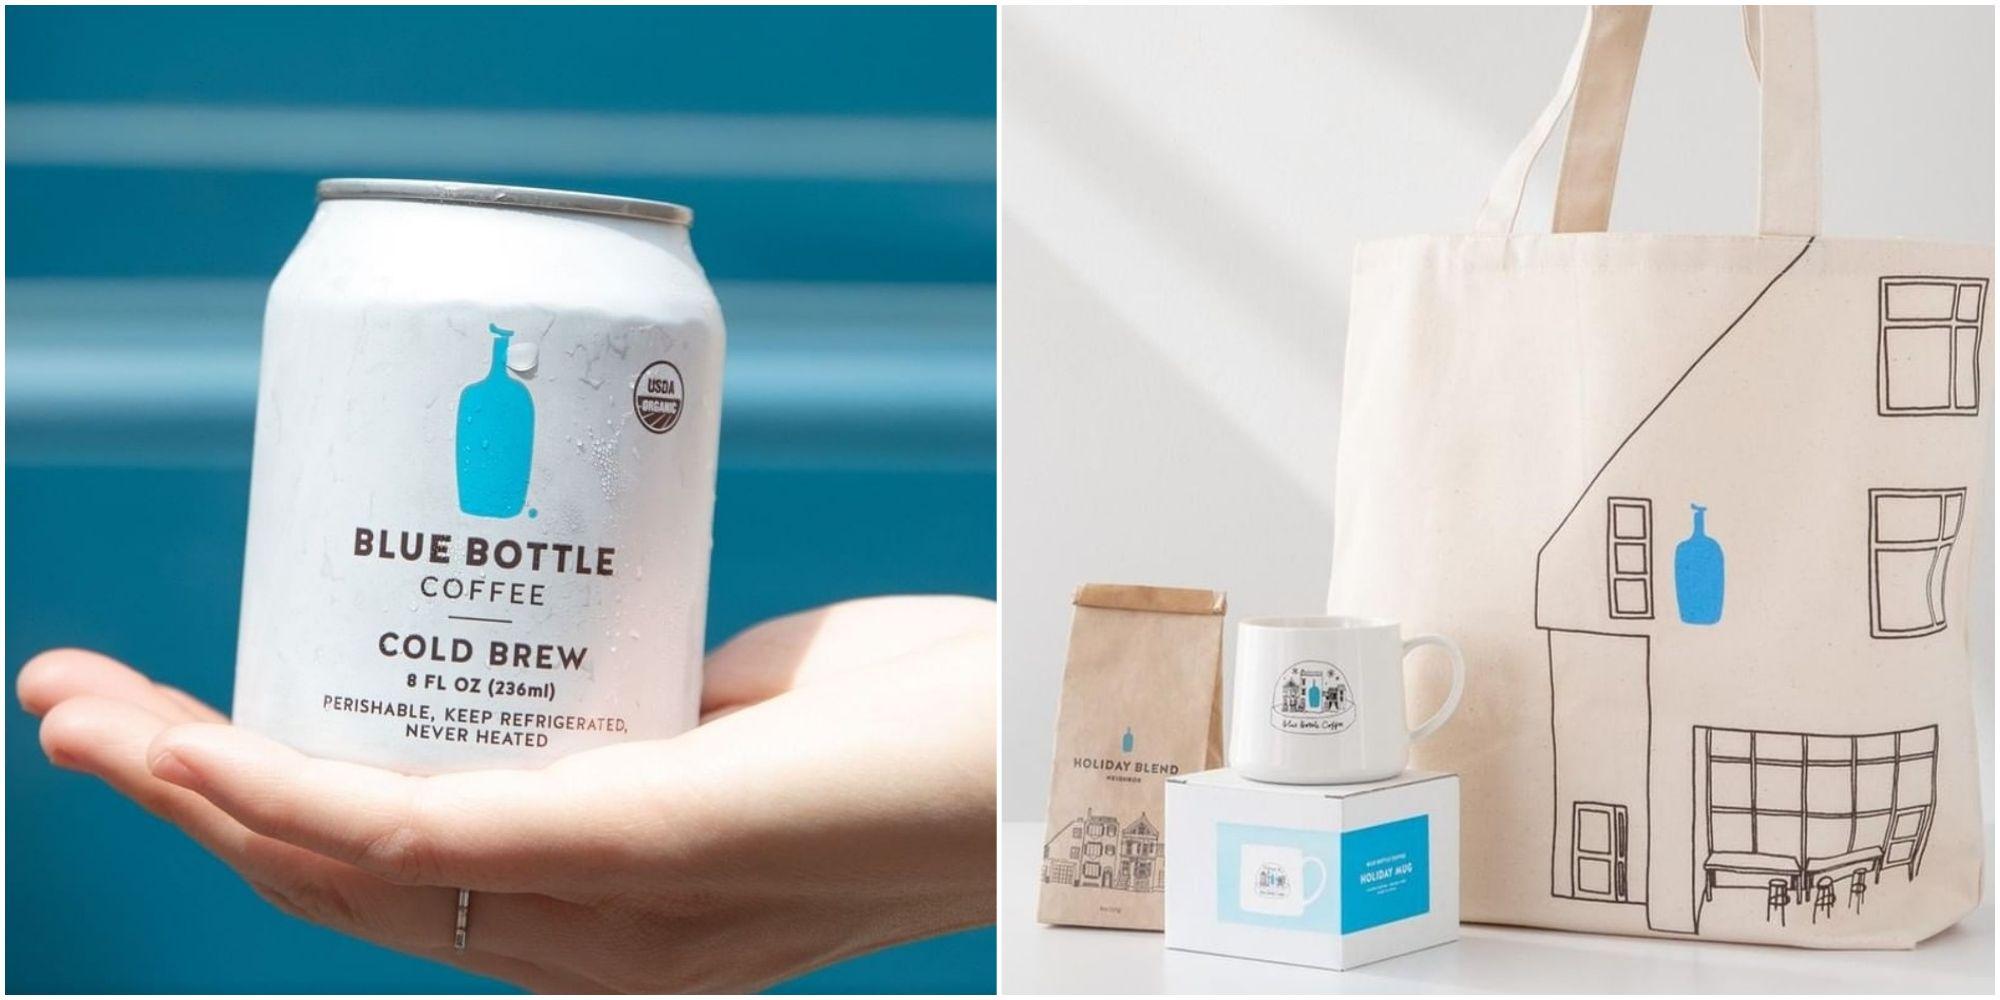 「Blue Bottle藍瓶咖啡」快閃禮品店進駐微風南山!3款限定商品搶先曝光